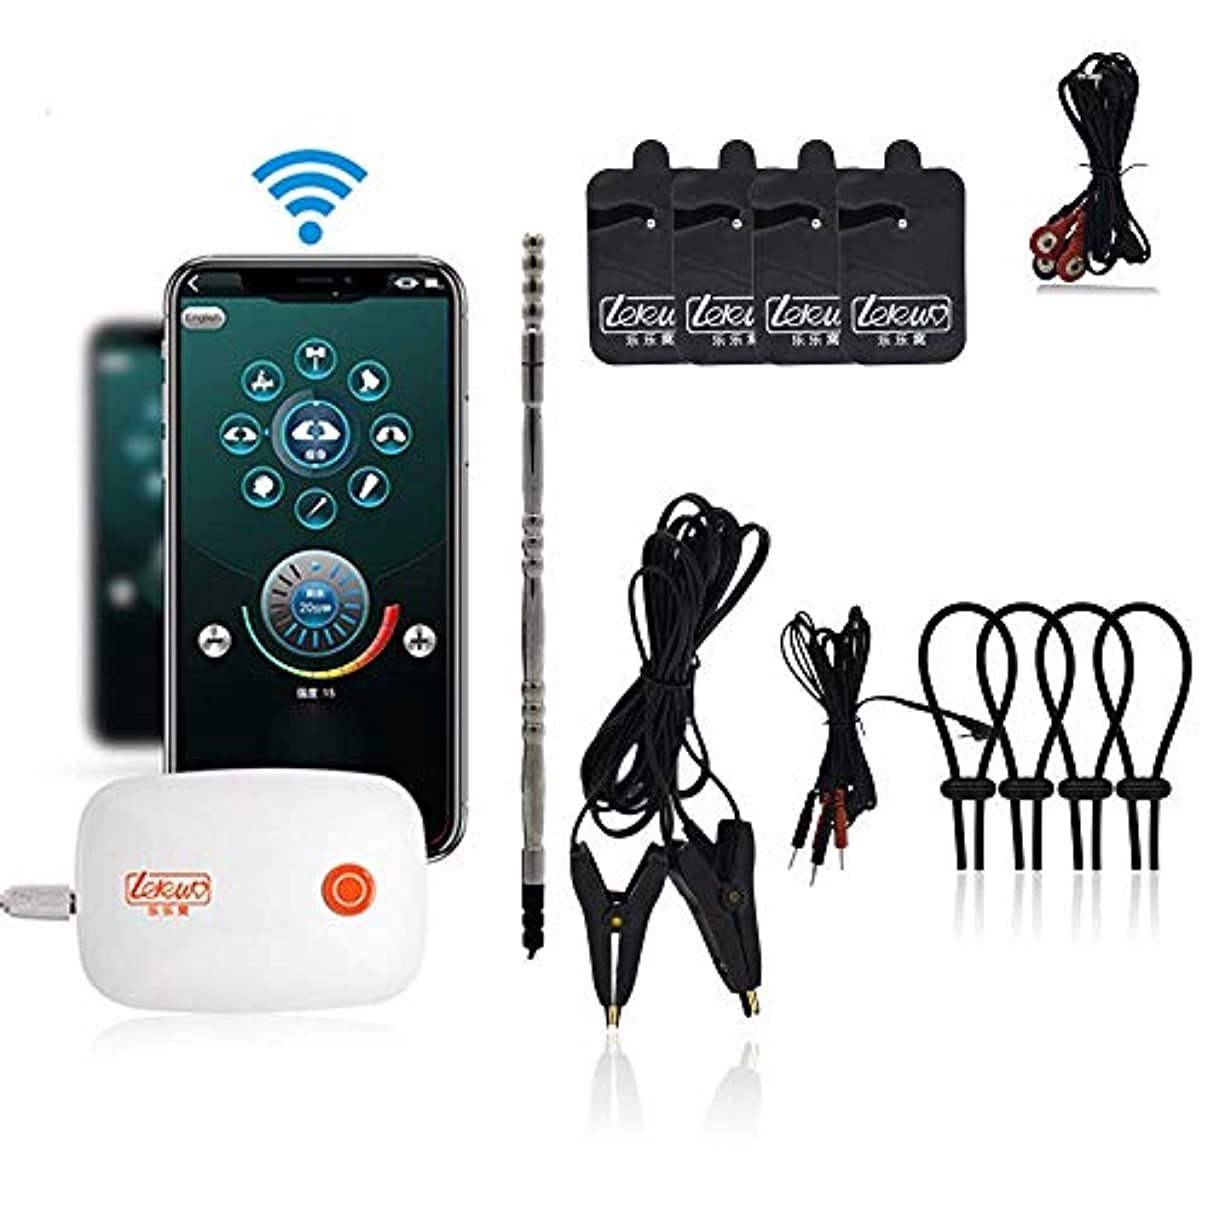 弁護人想起少し刺激的な愛の高級感電キット、刺激クラスBDSM電気刺激拷問マッサージ大人のおもちゃ、Android/iOSバージョン用のアプリケーション